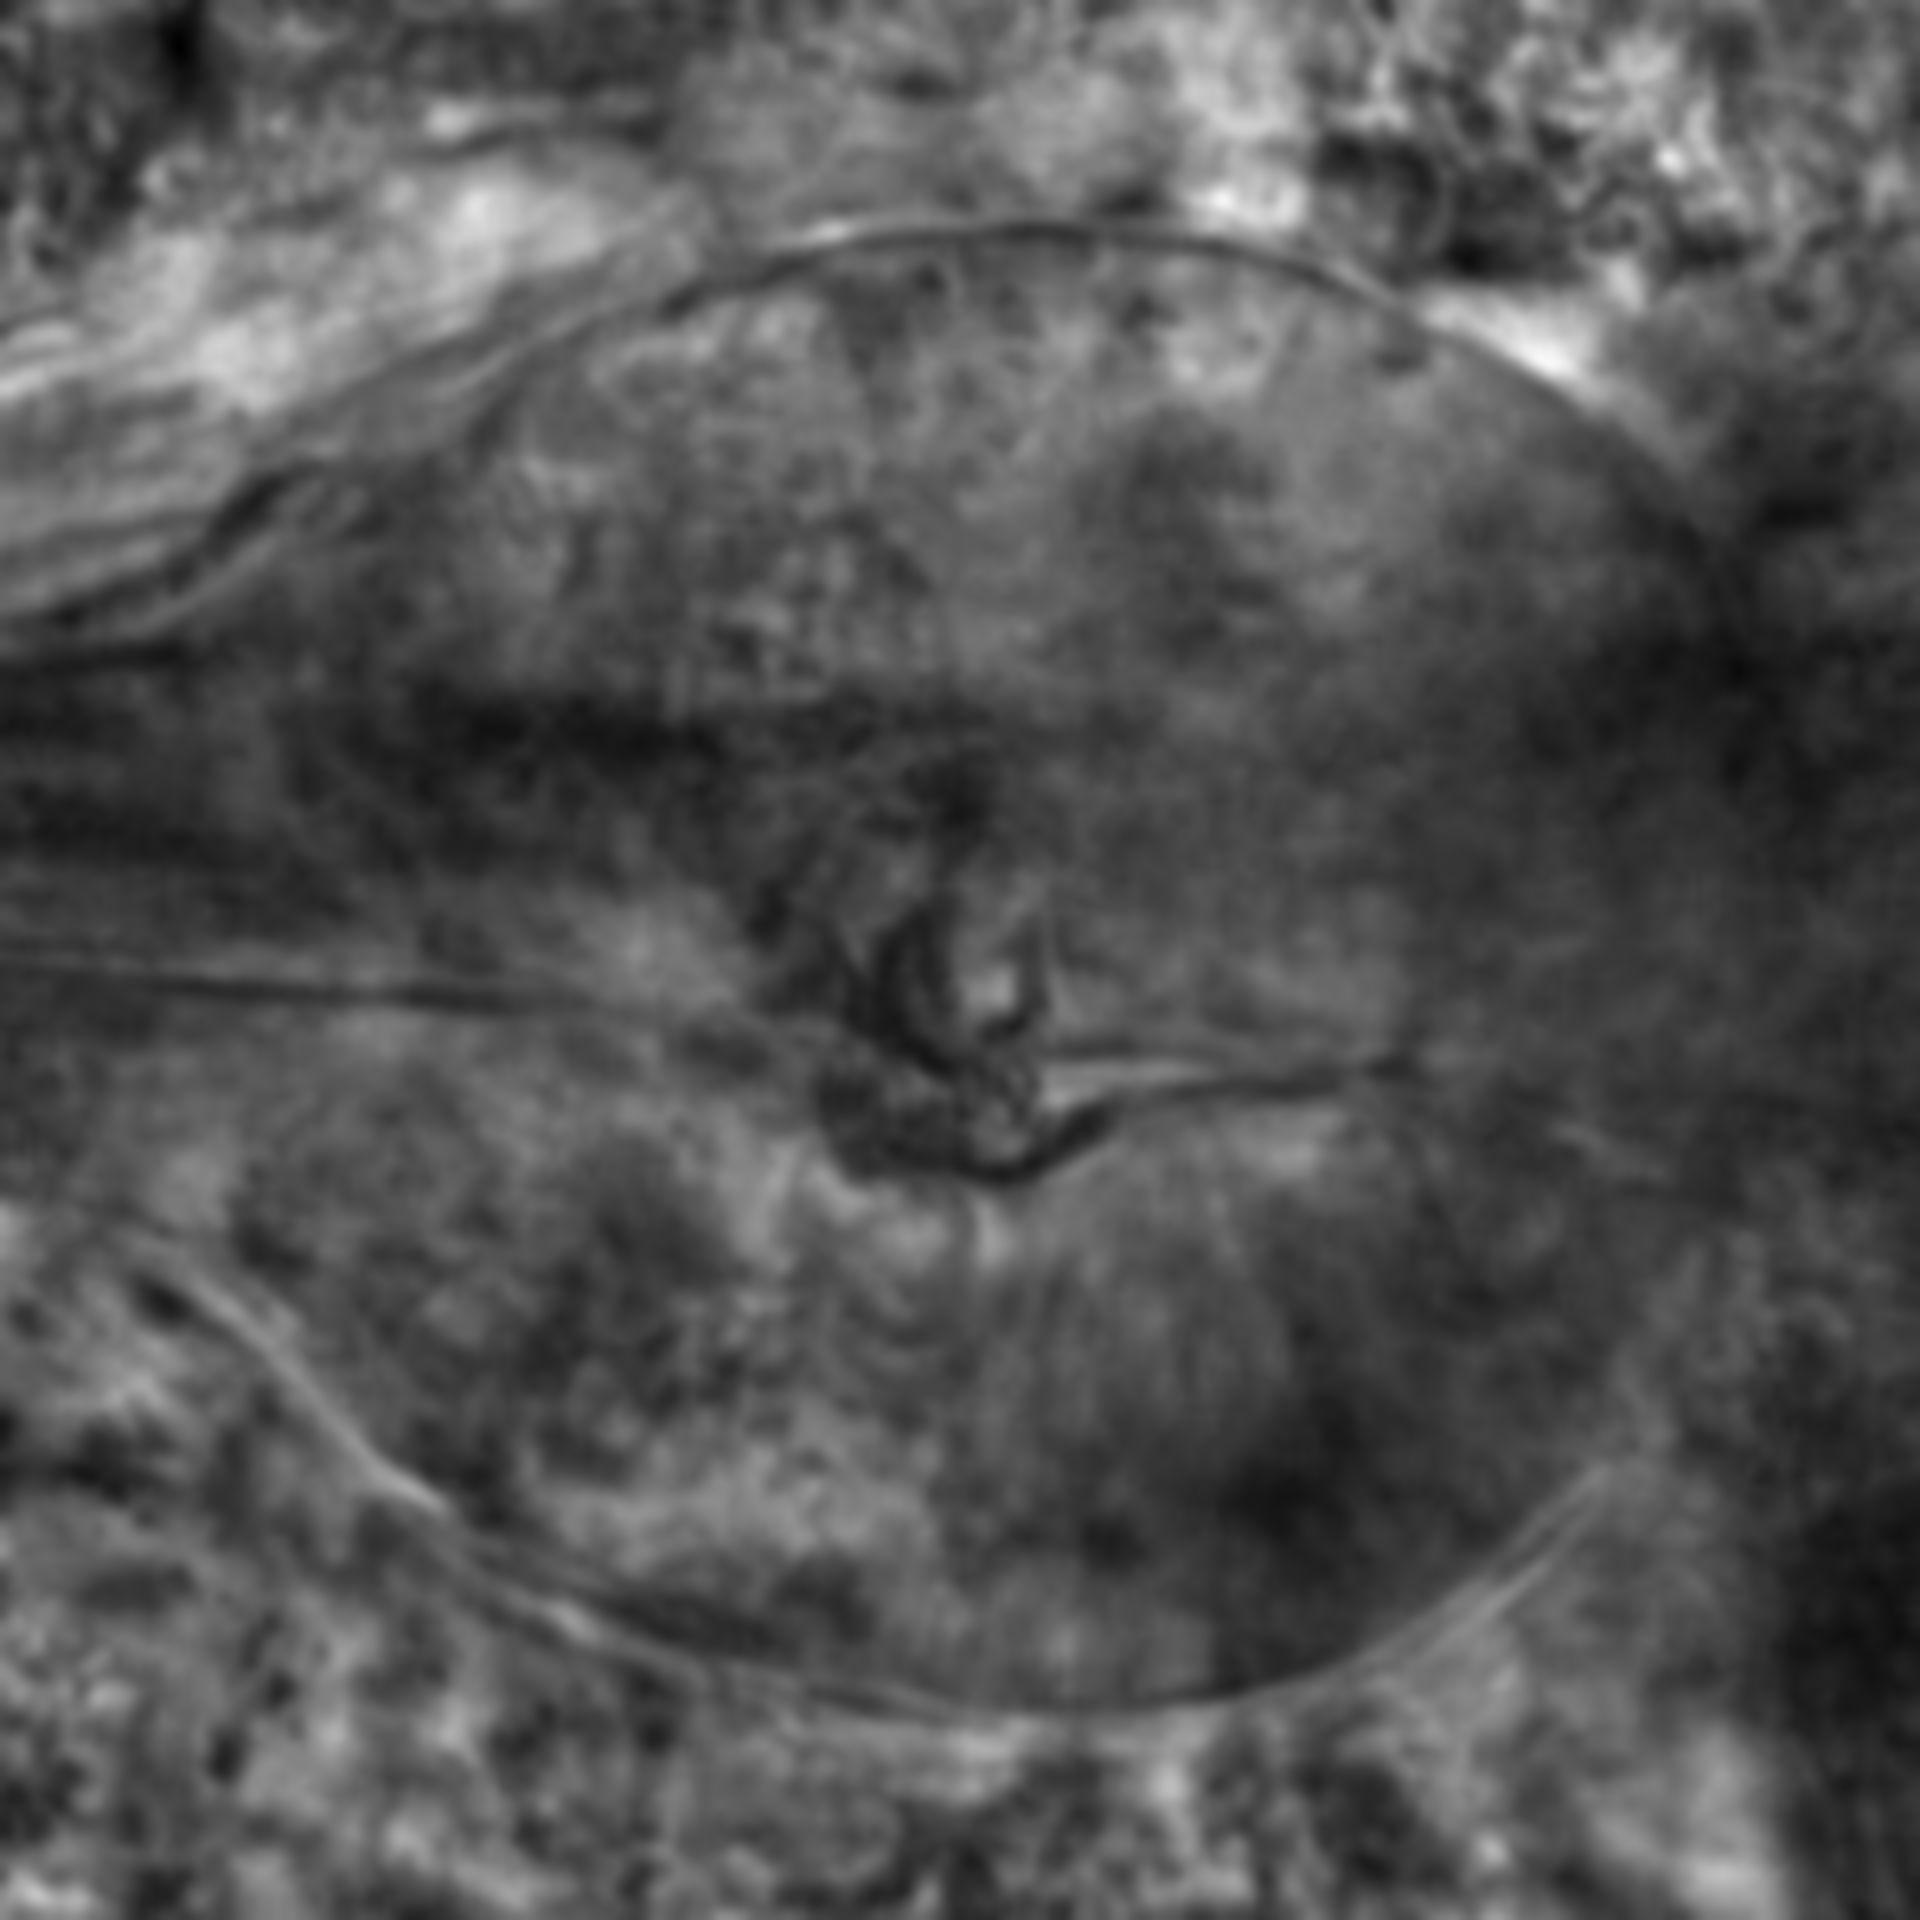 Caenorhabditis elegans - CIL:2313